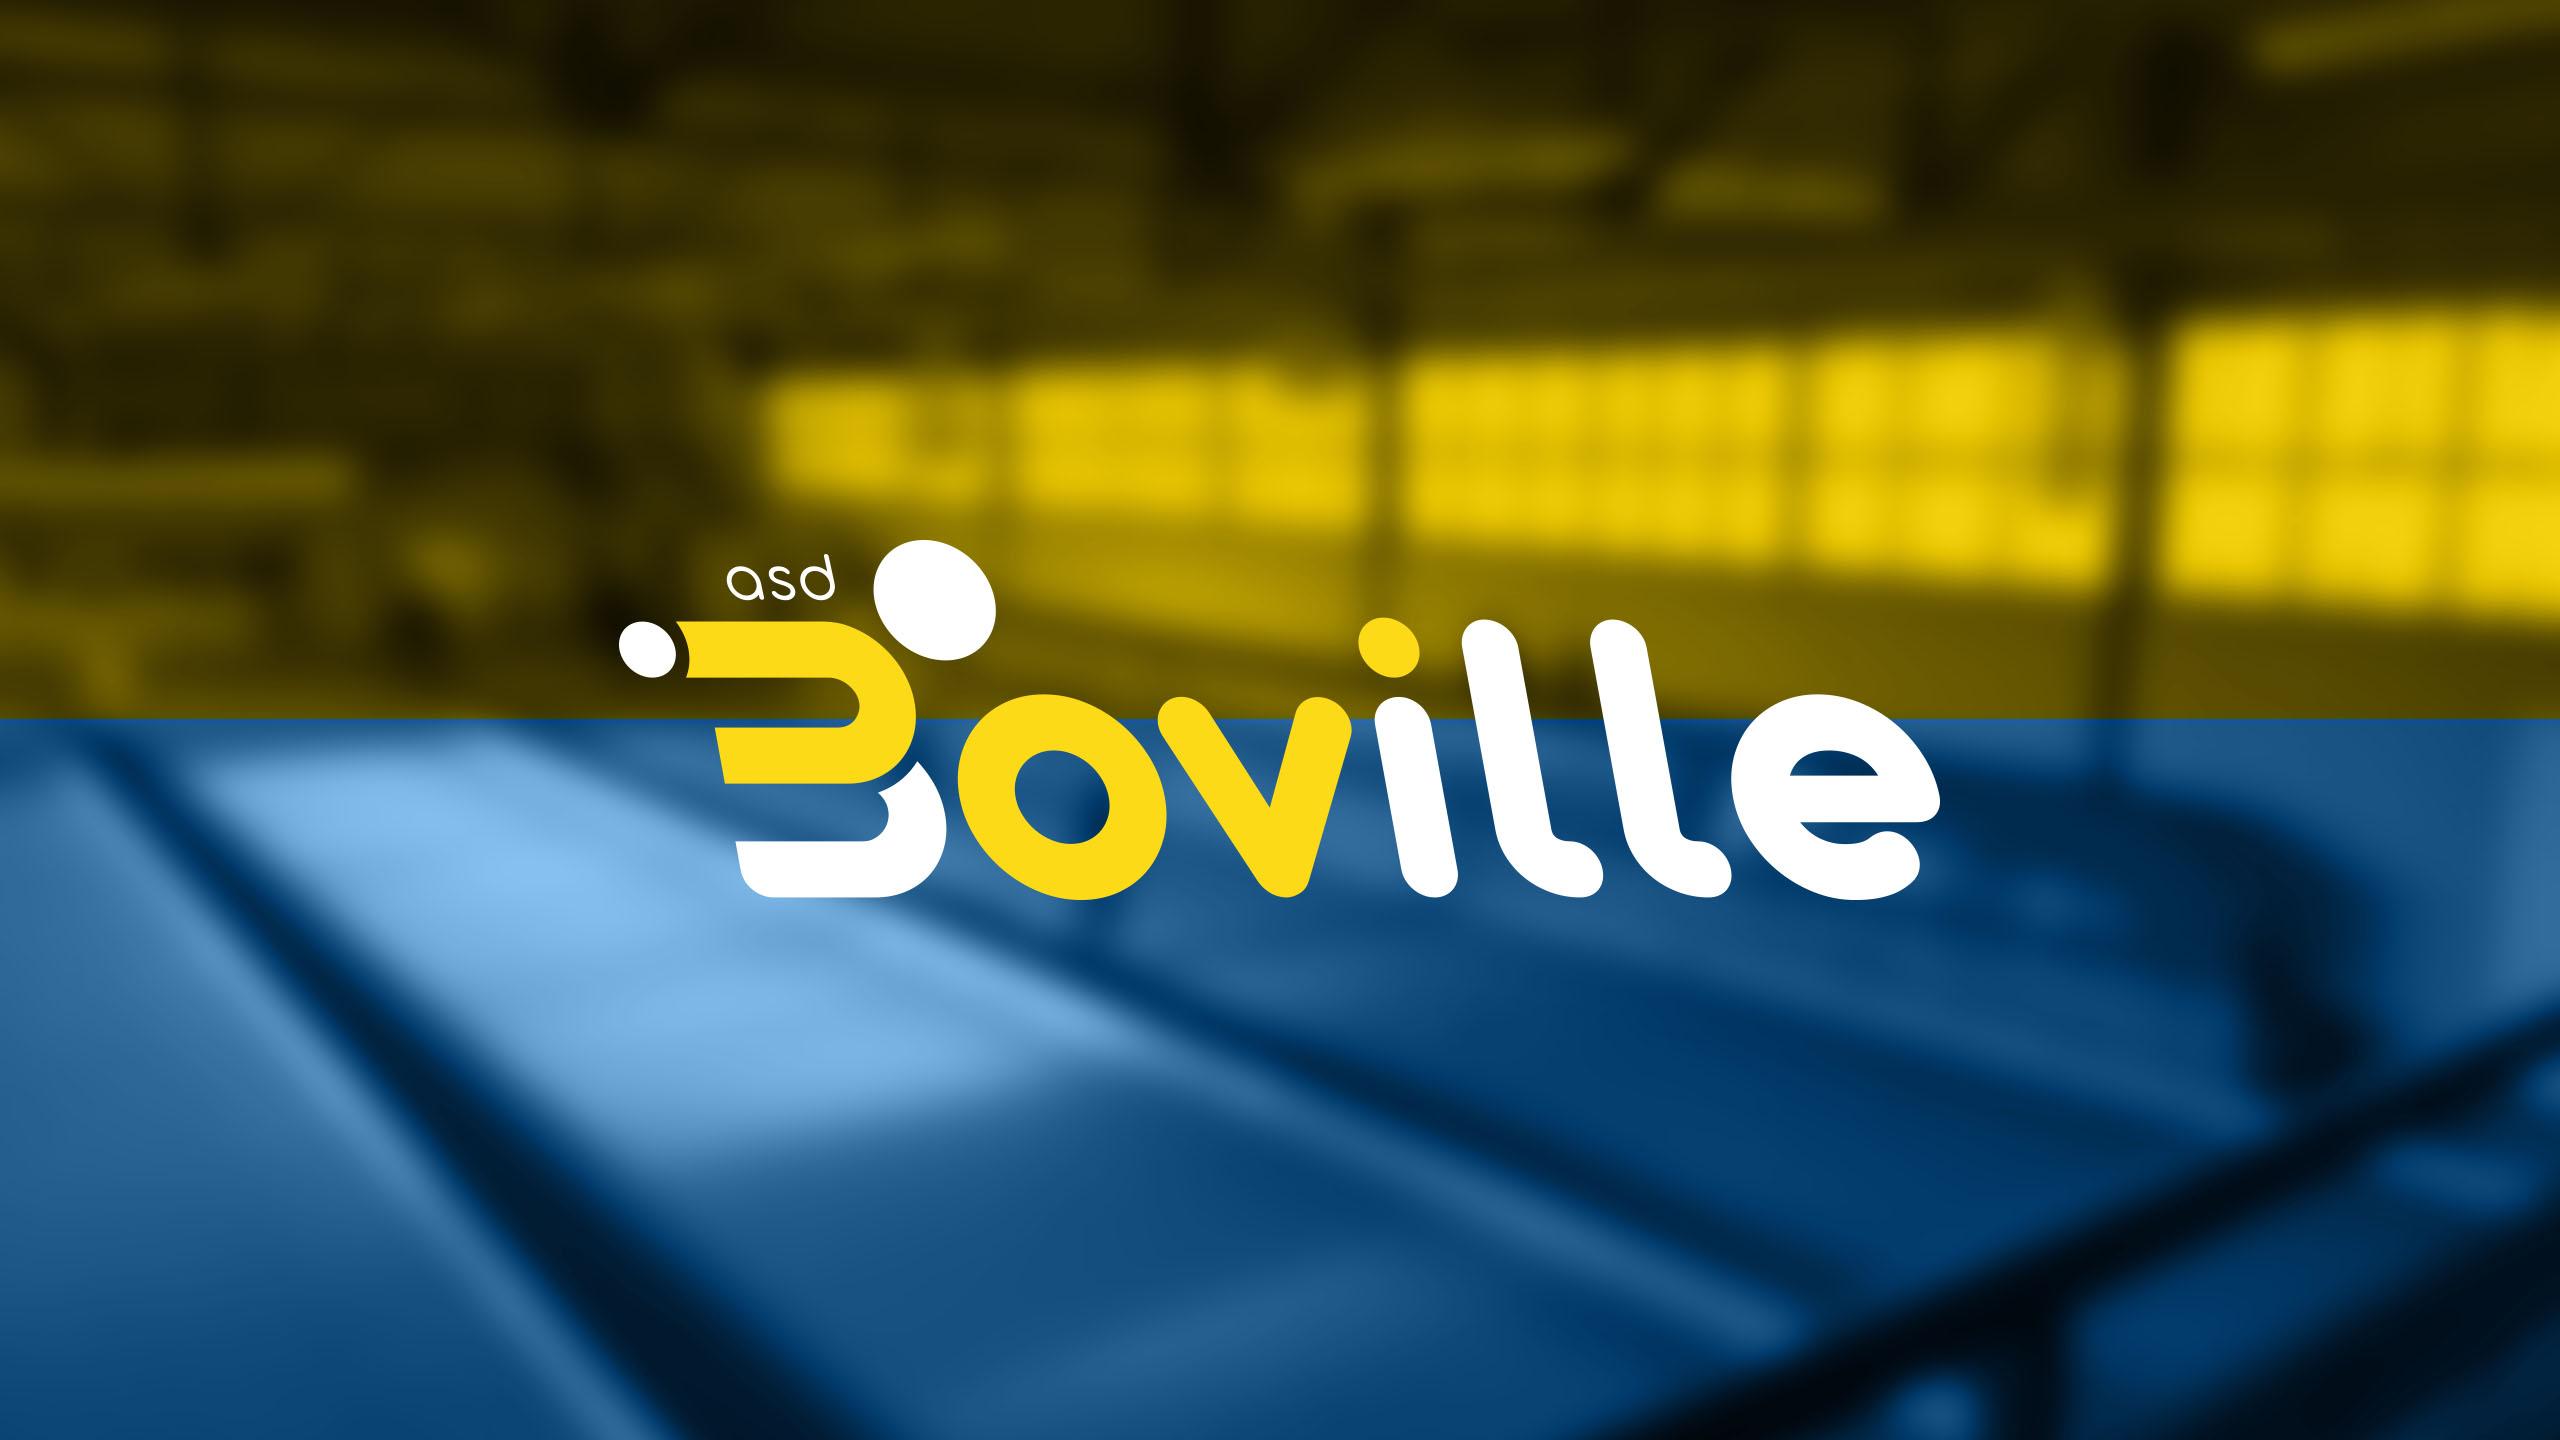 Serie A, equilibrio nel girone 1, nel gruppo 2 Boville a valanga